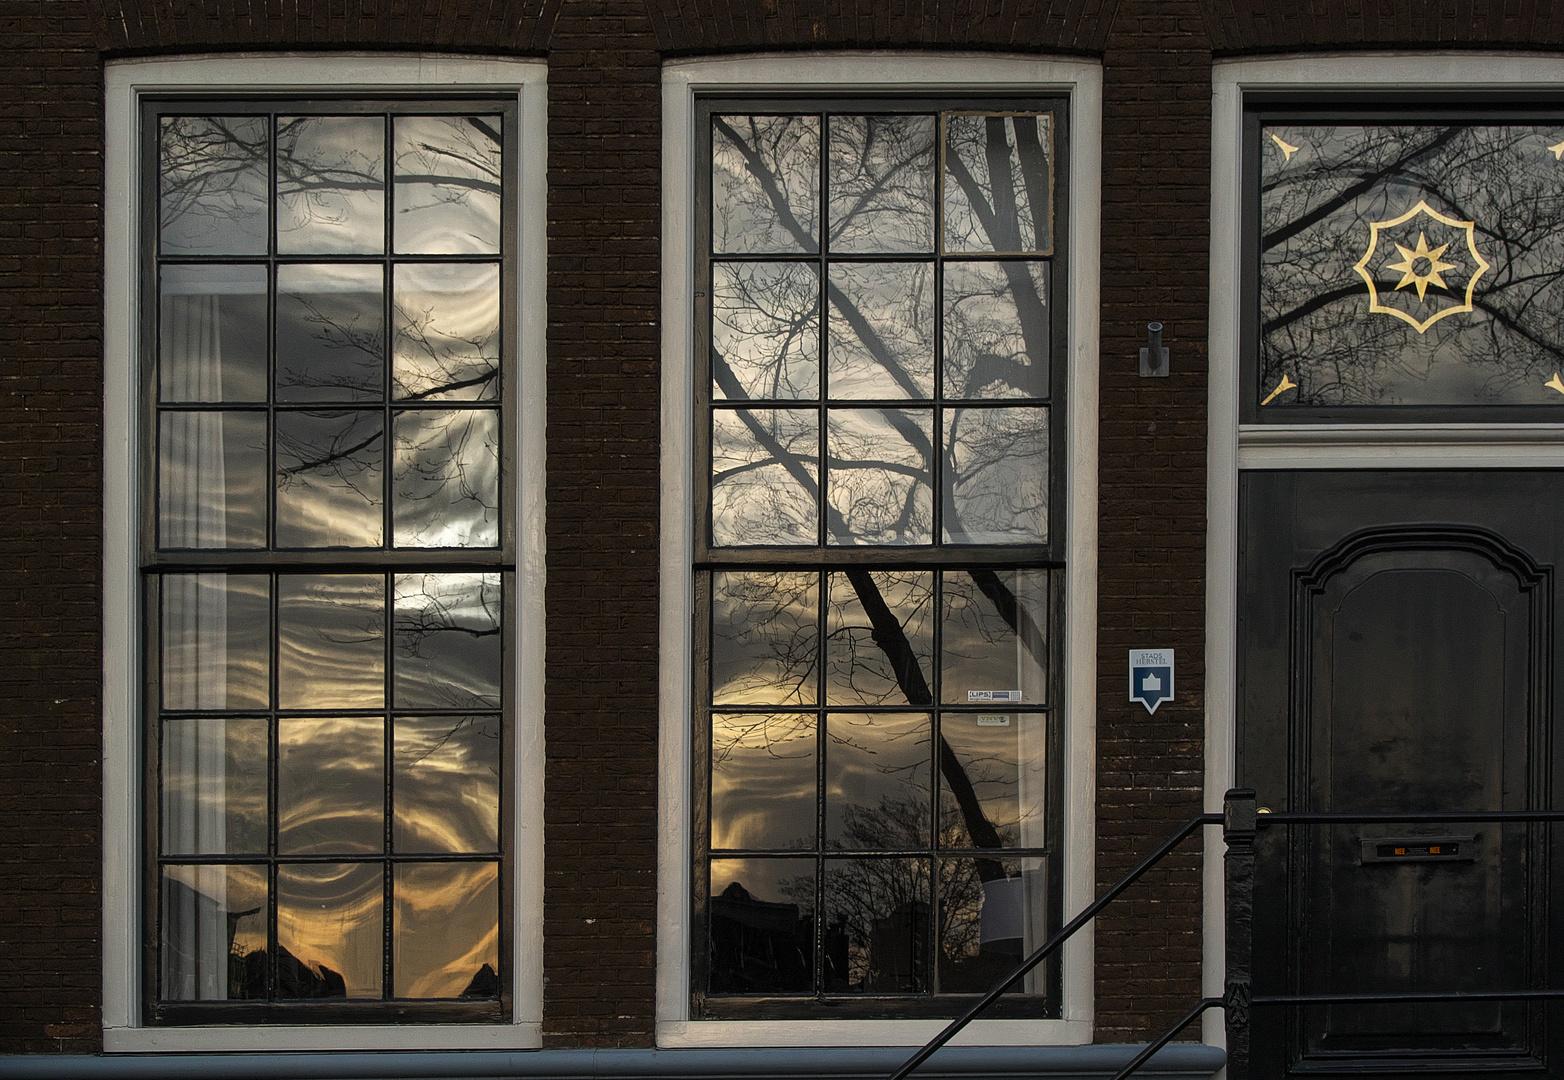 Spiegelung an einem Fenster